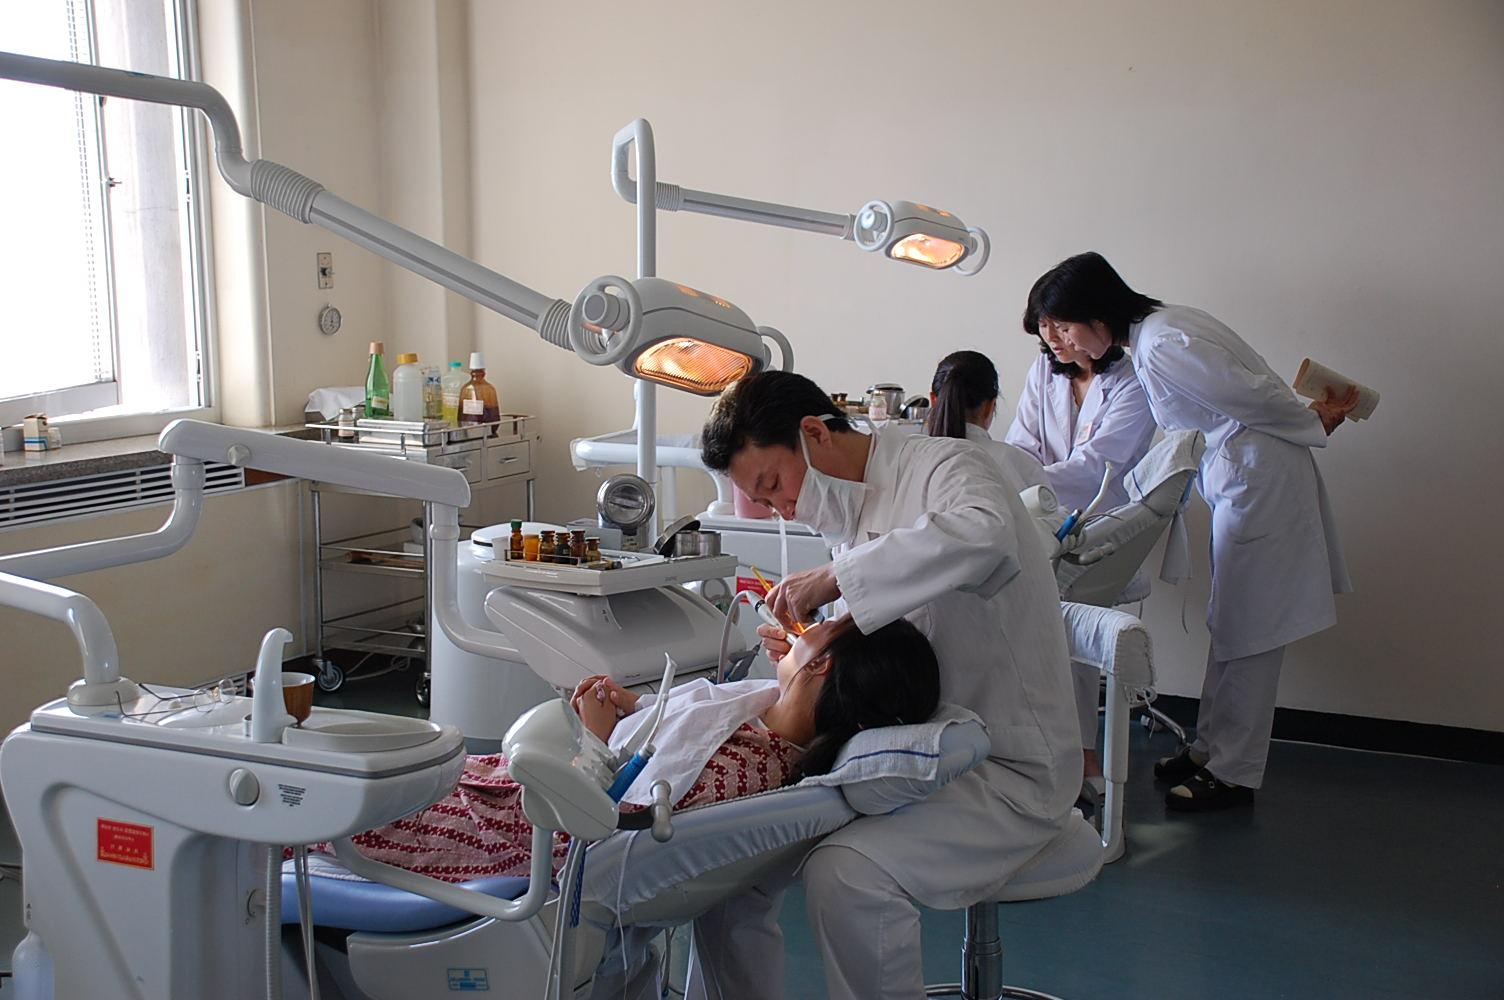 Οδοντίατροι εξετάζουν  ασθενείς σε νοσοκομείο της Πιονγιάνγκ.